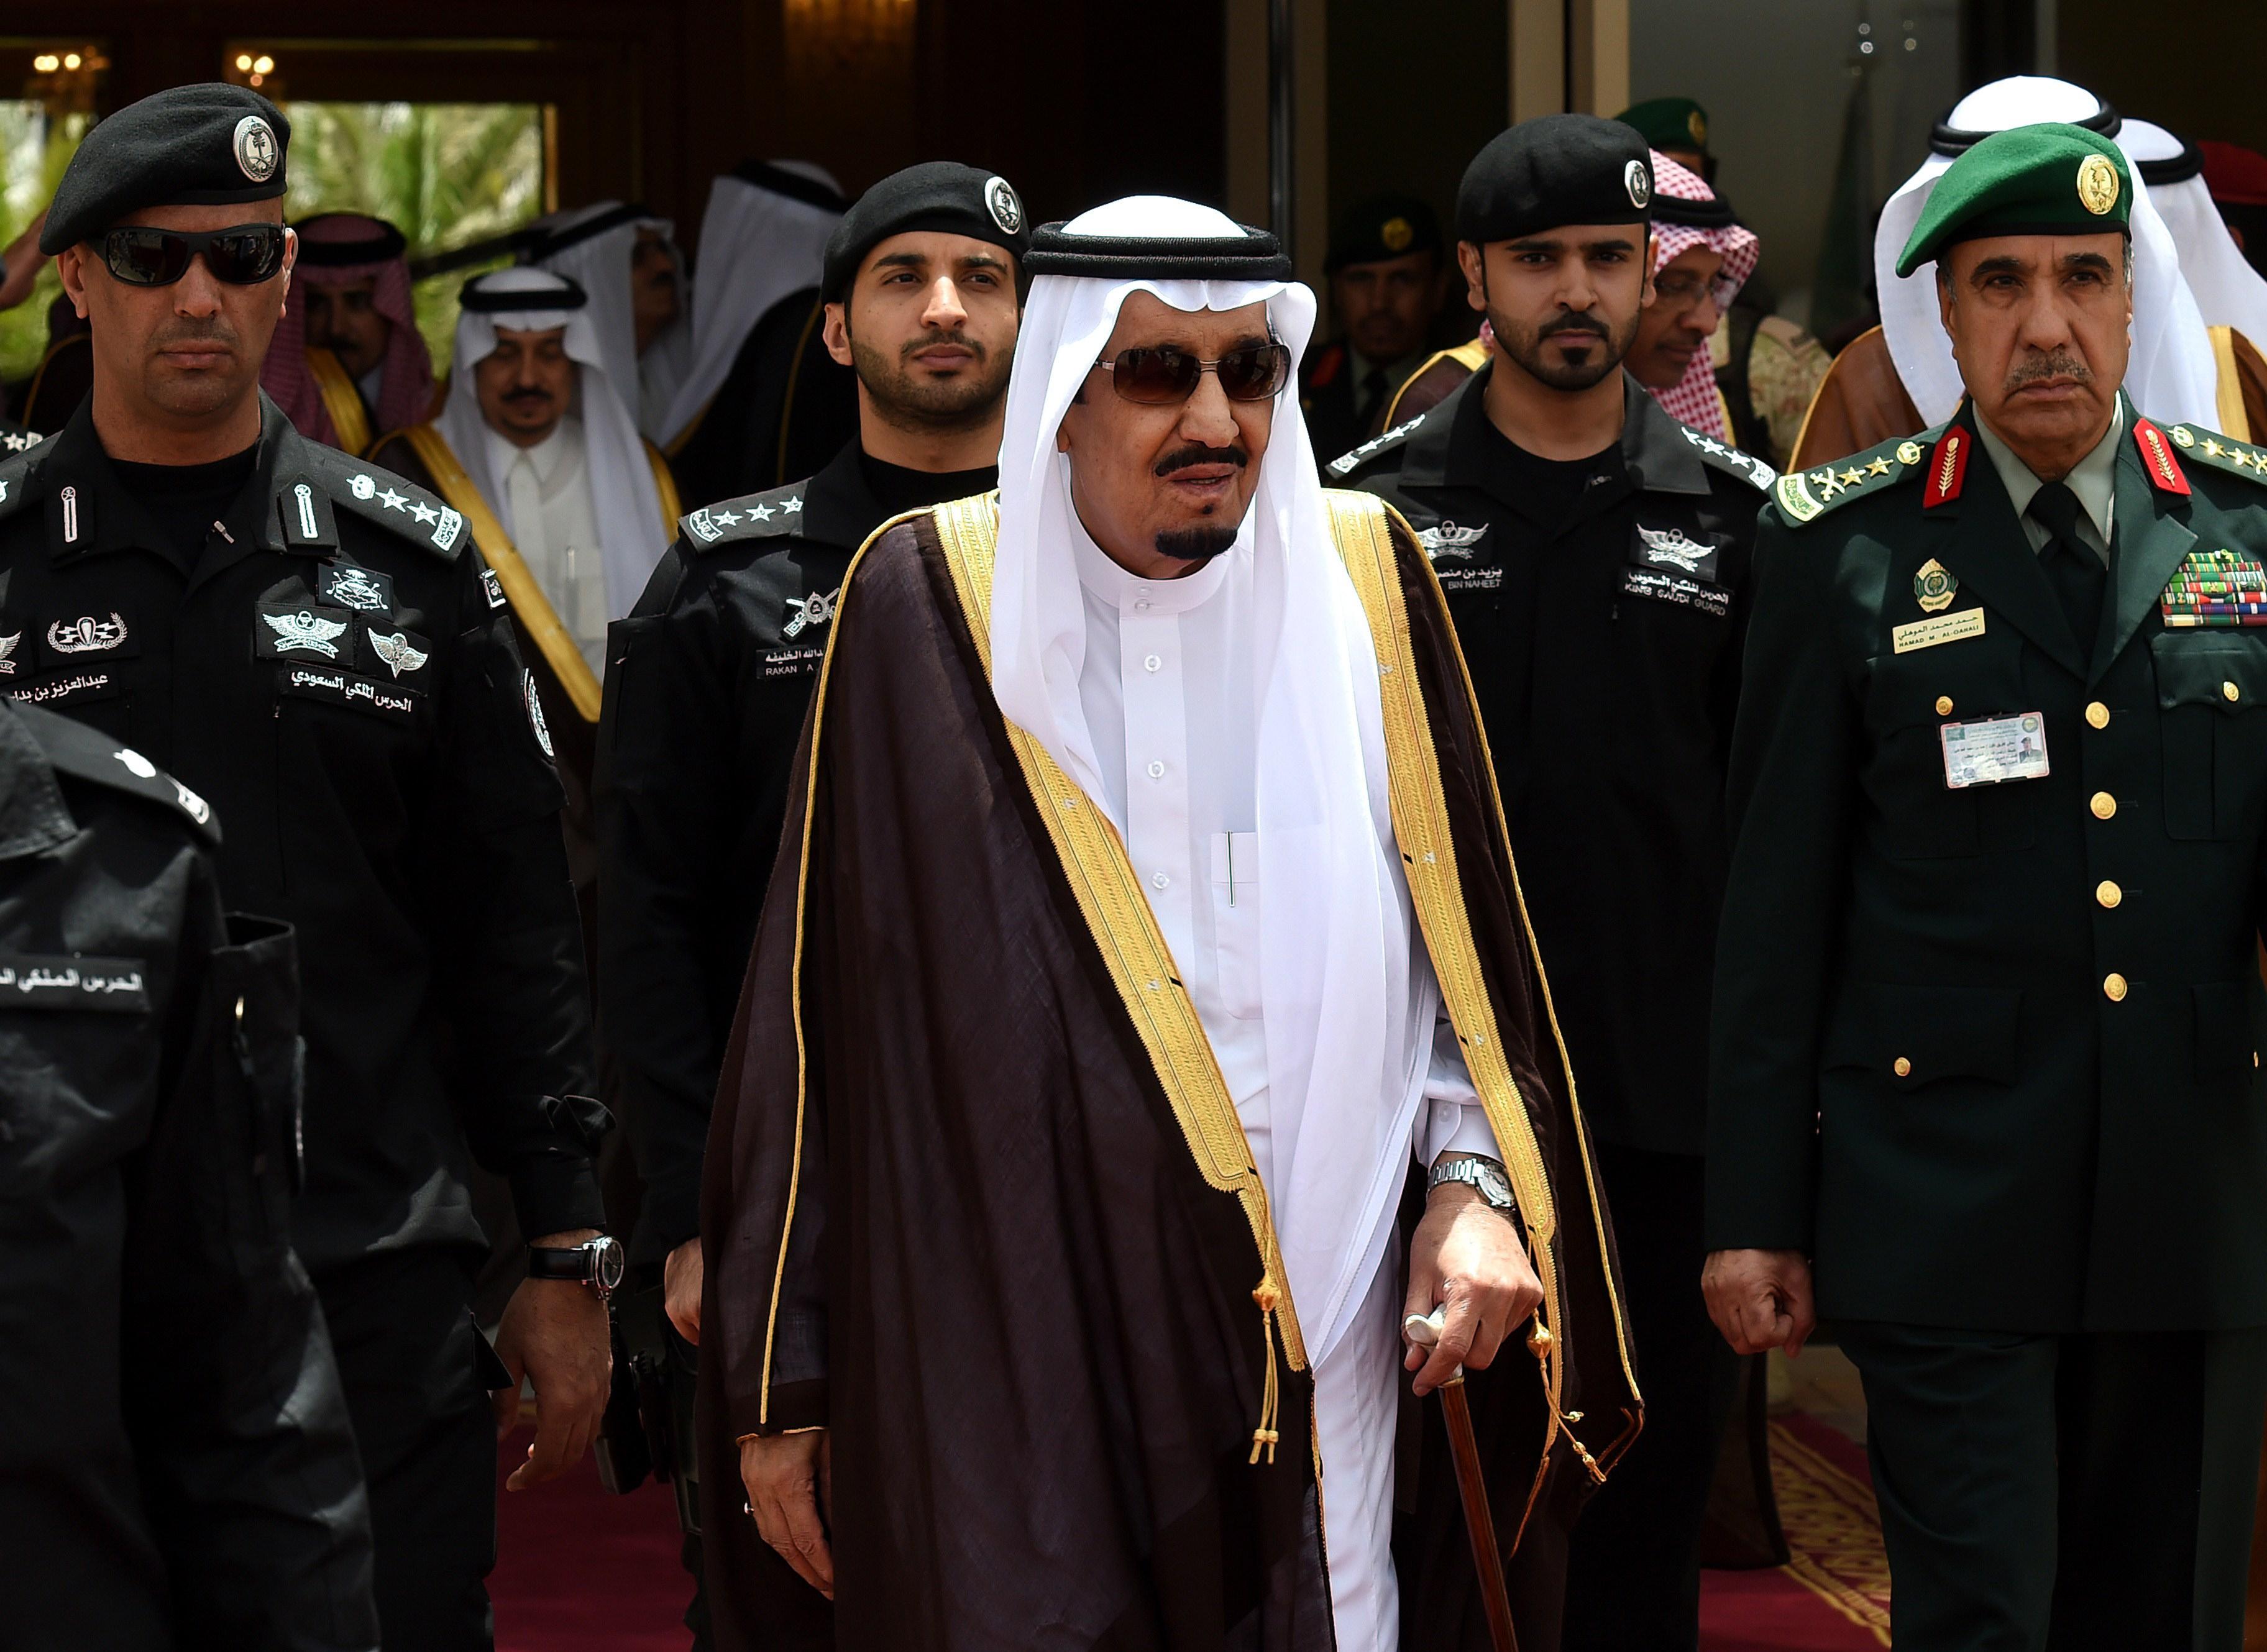 La grogne qui gagne les Saoudiens inquiète la famille régnante au plus haut point. D. R.